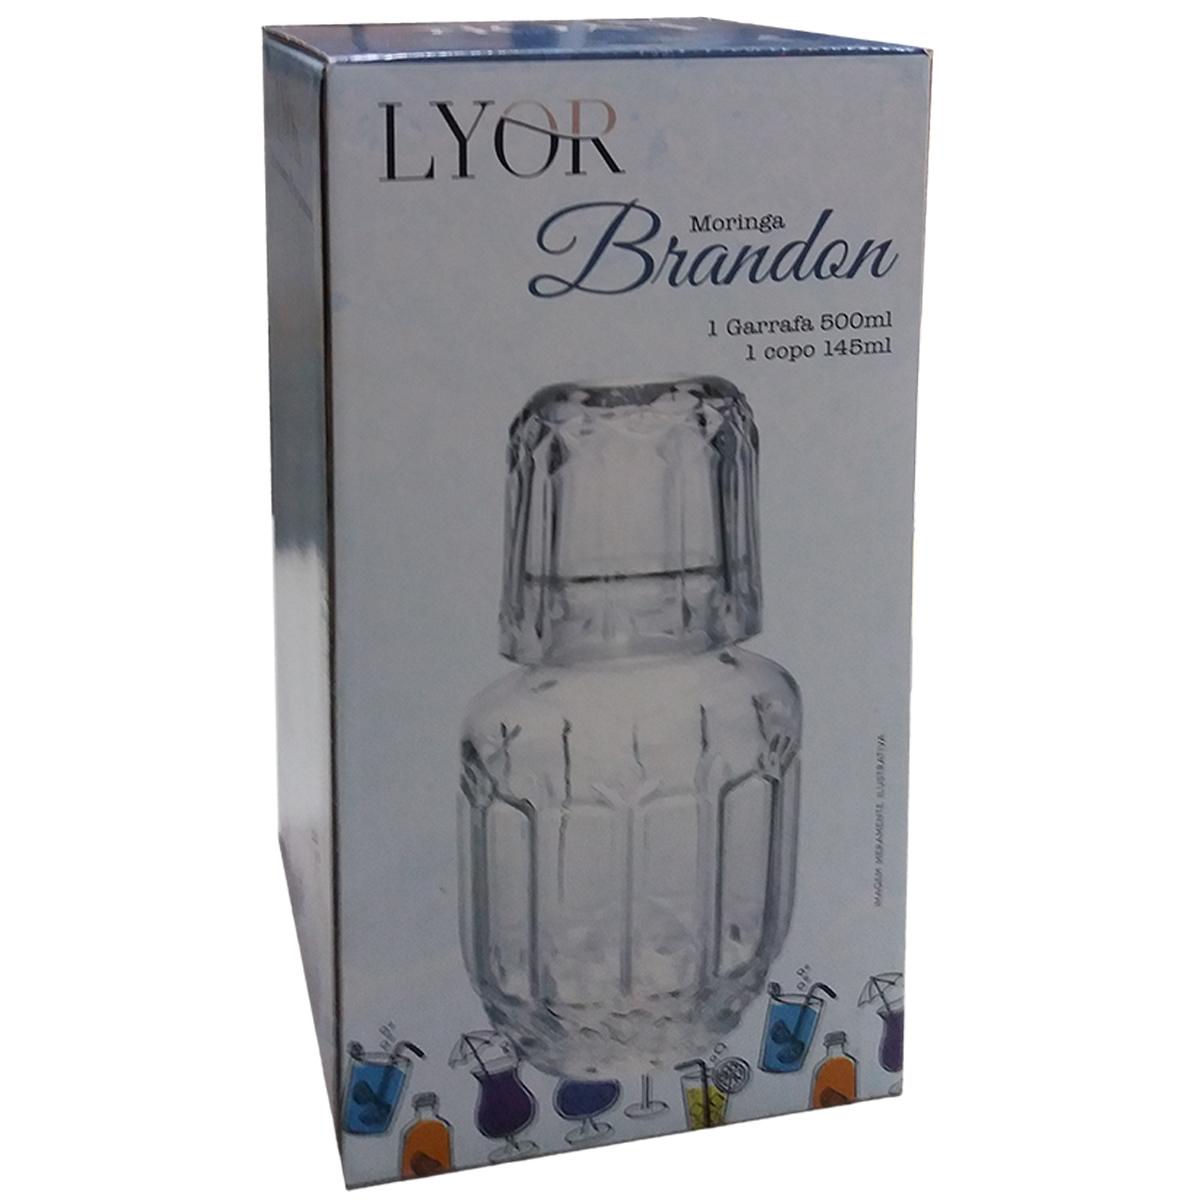 Moringa e Copo Vidro Sodo Calcico 500ml/145ml Brandon Lyor